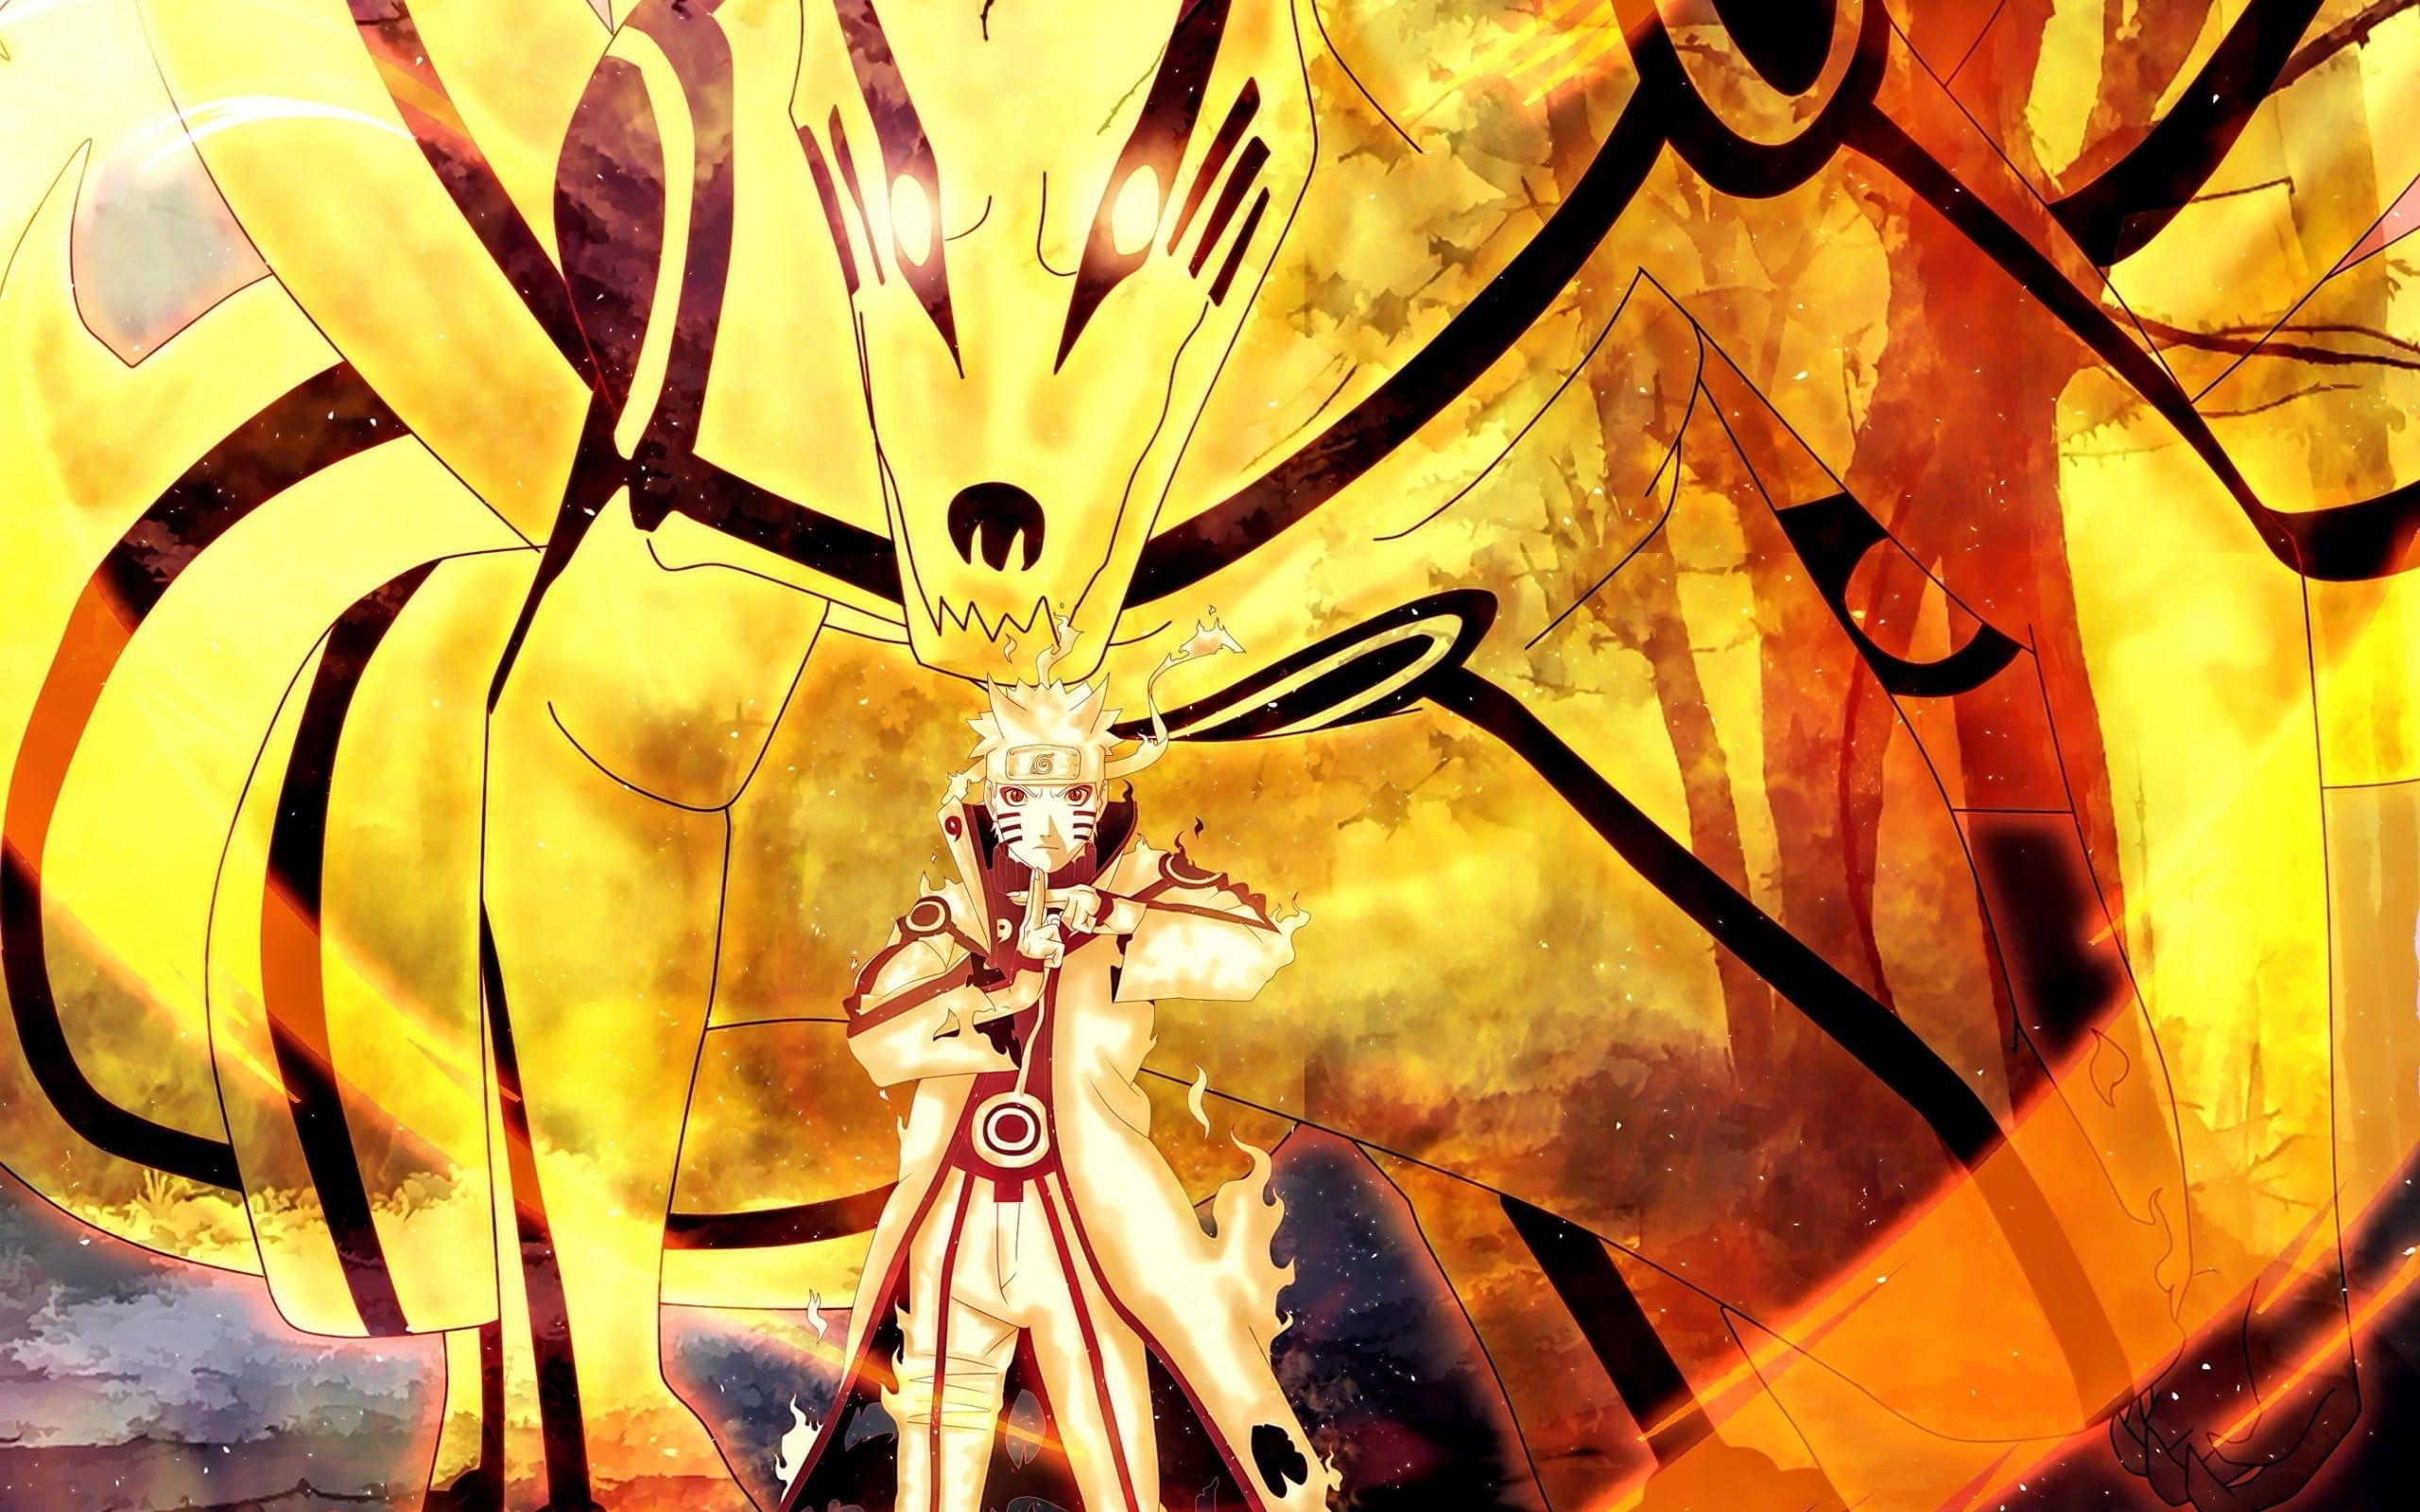 Naruto Illustration Naruto Shippuuden Uzumaki Naruto Kyuubi Kurama 2k Wallpaper Hdwall Naruto Wallpaper Best Naruto Wallpapers Naruto And Sasuke Wallpaper